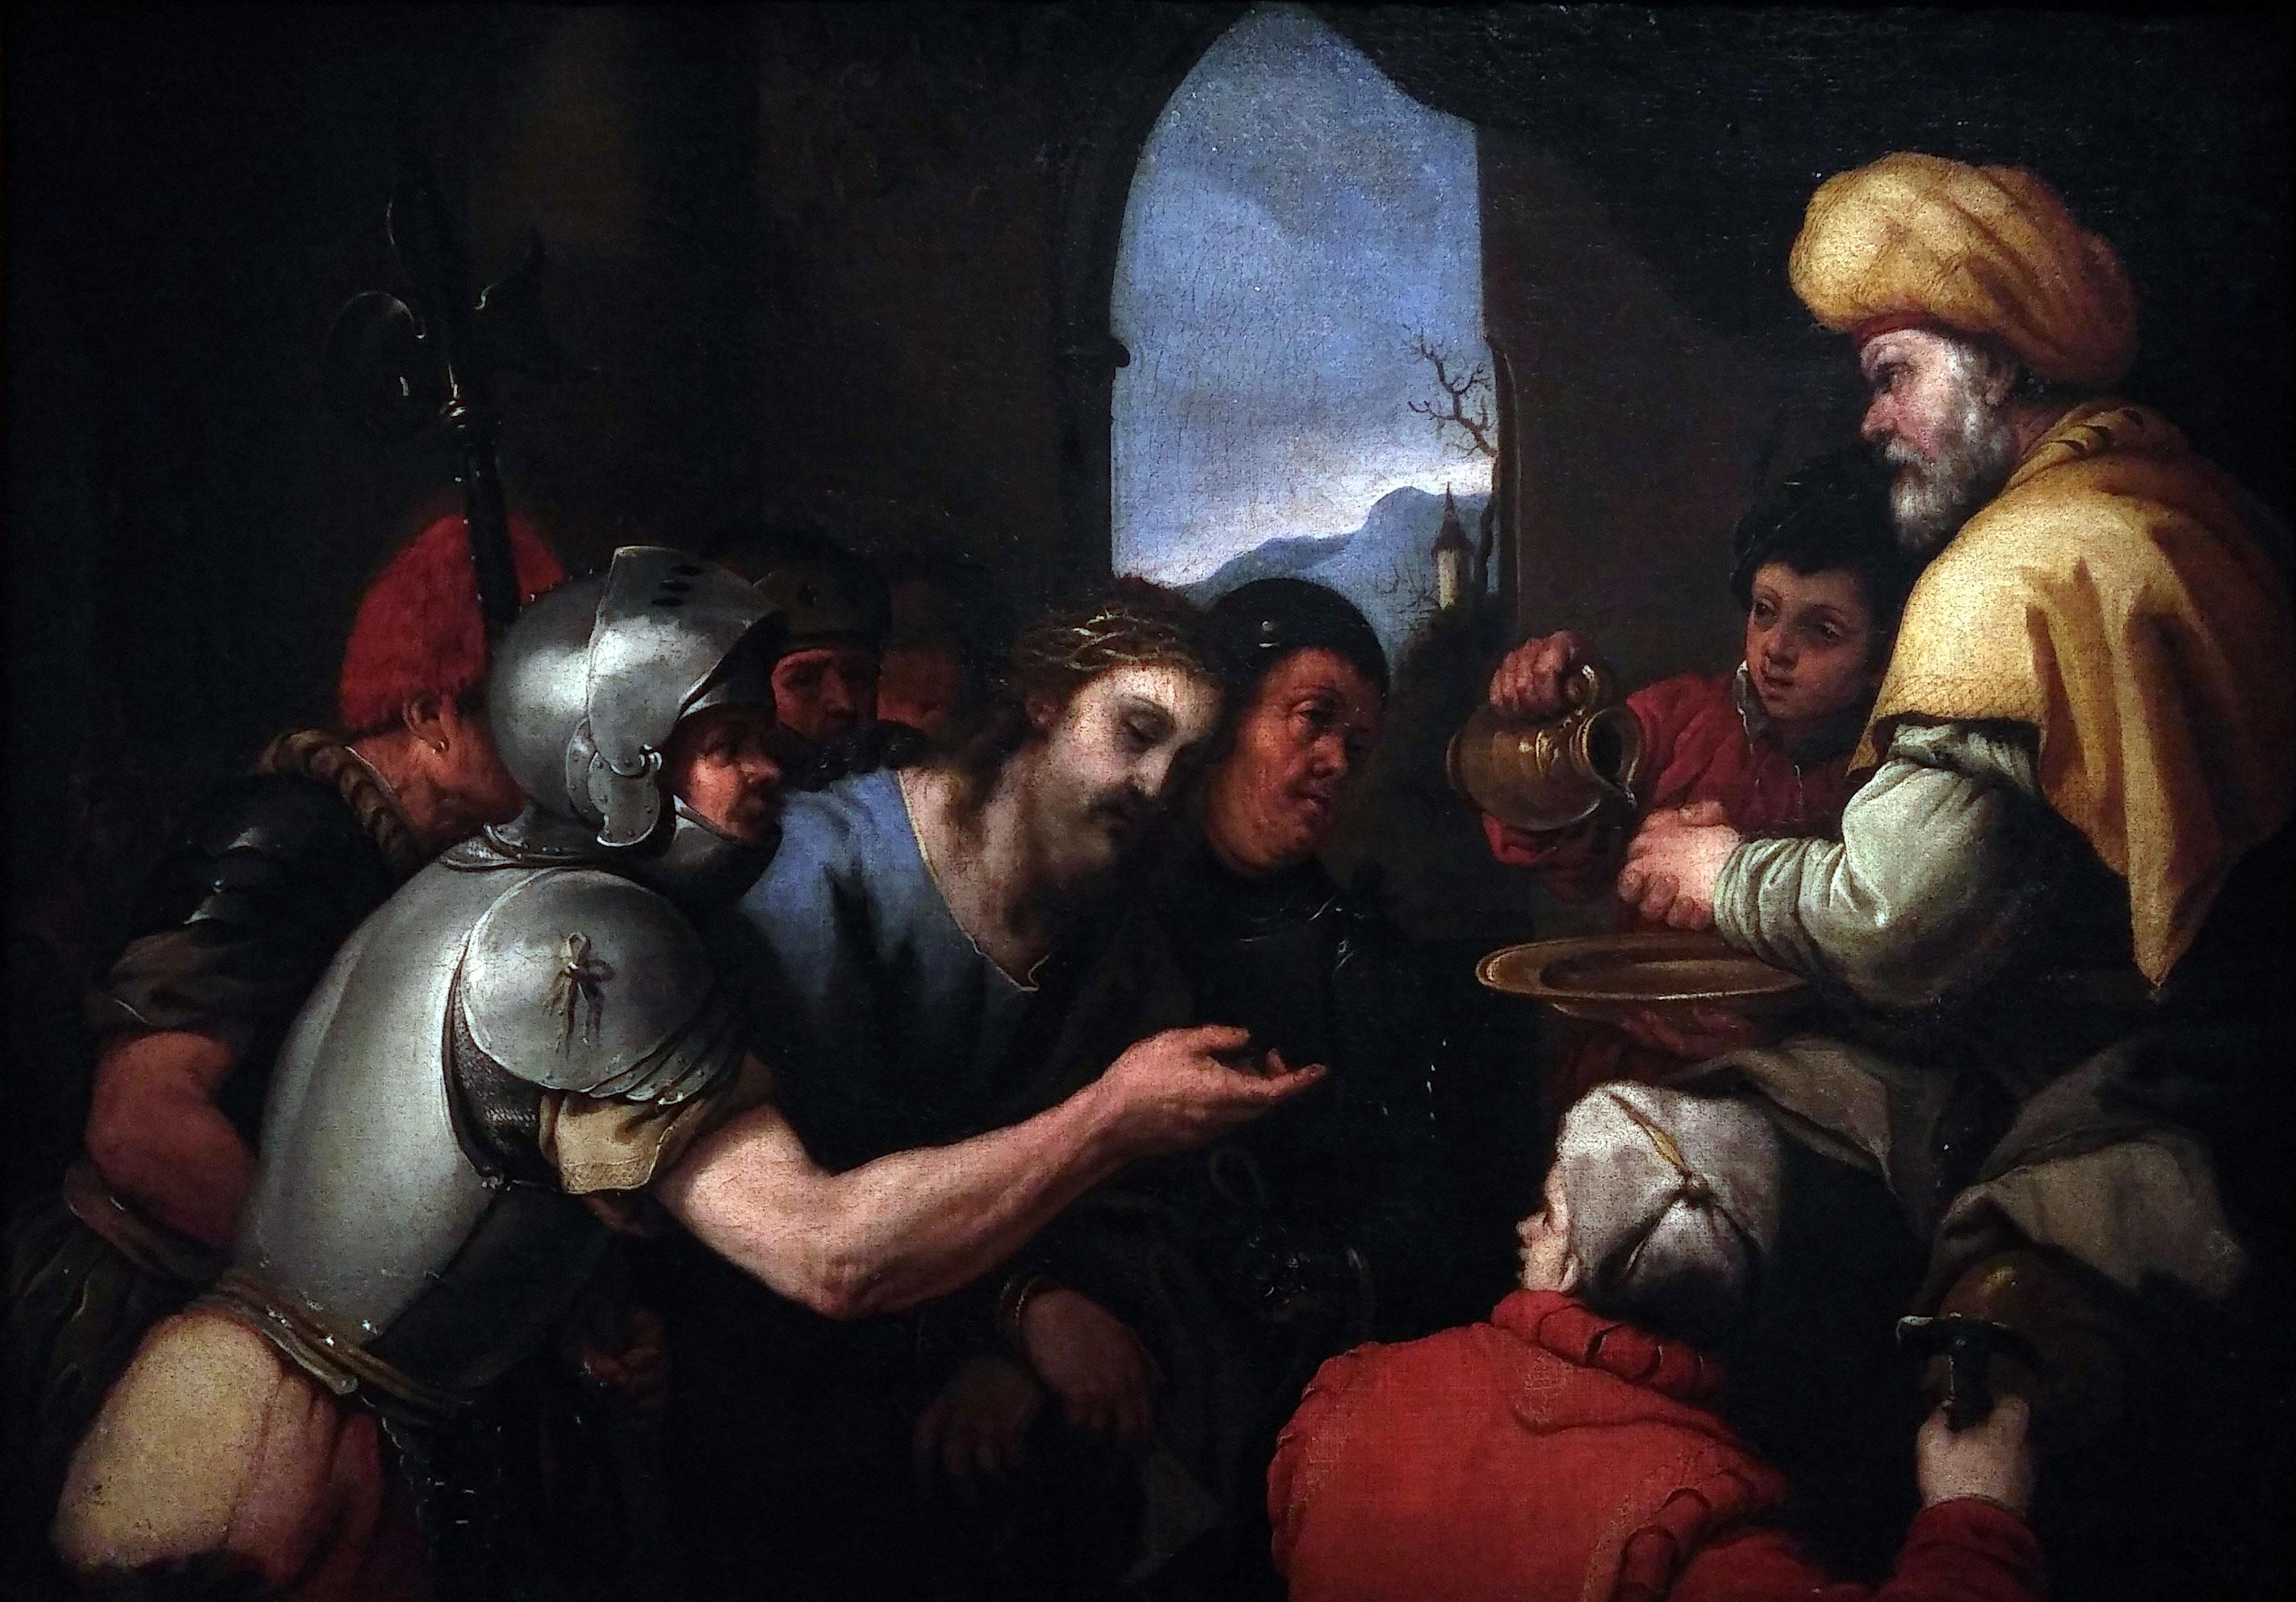 tableau de Giordano représentant le Christ devant Pilate